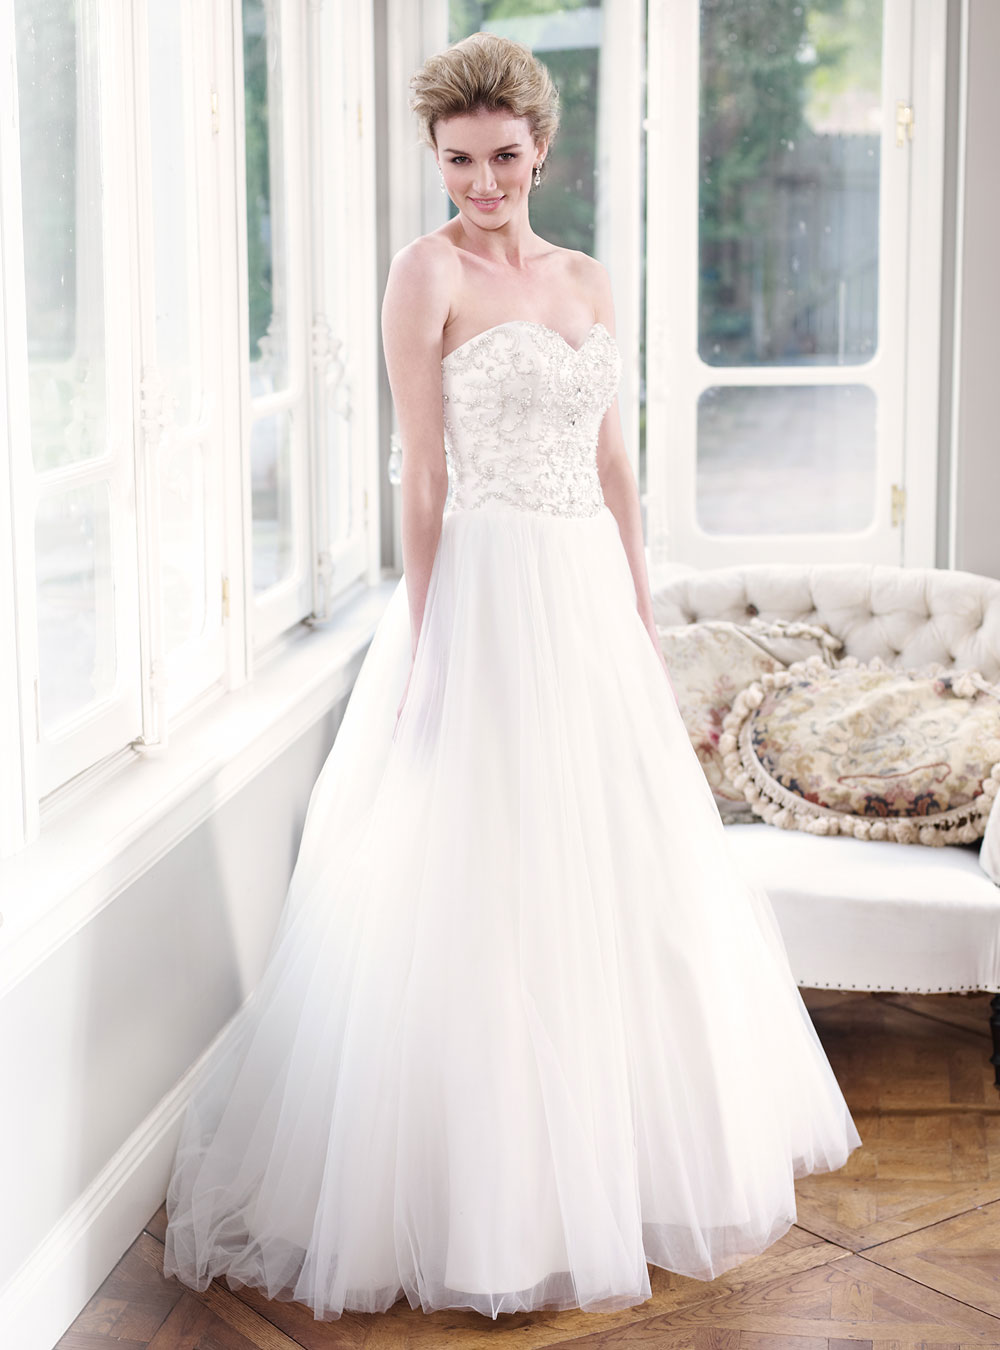 Alexia Wedding Dress | LUV Bridal & Formal